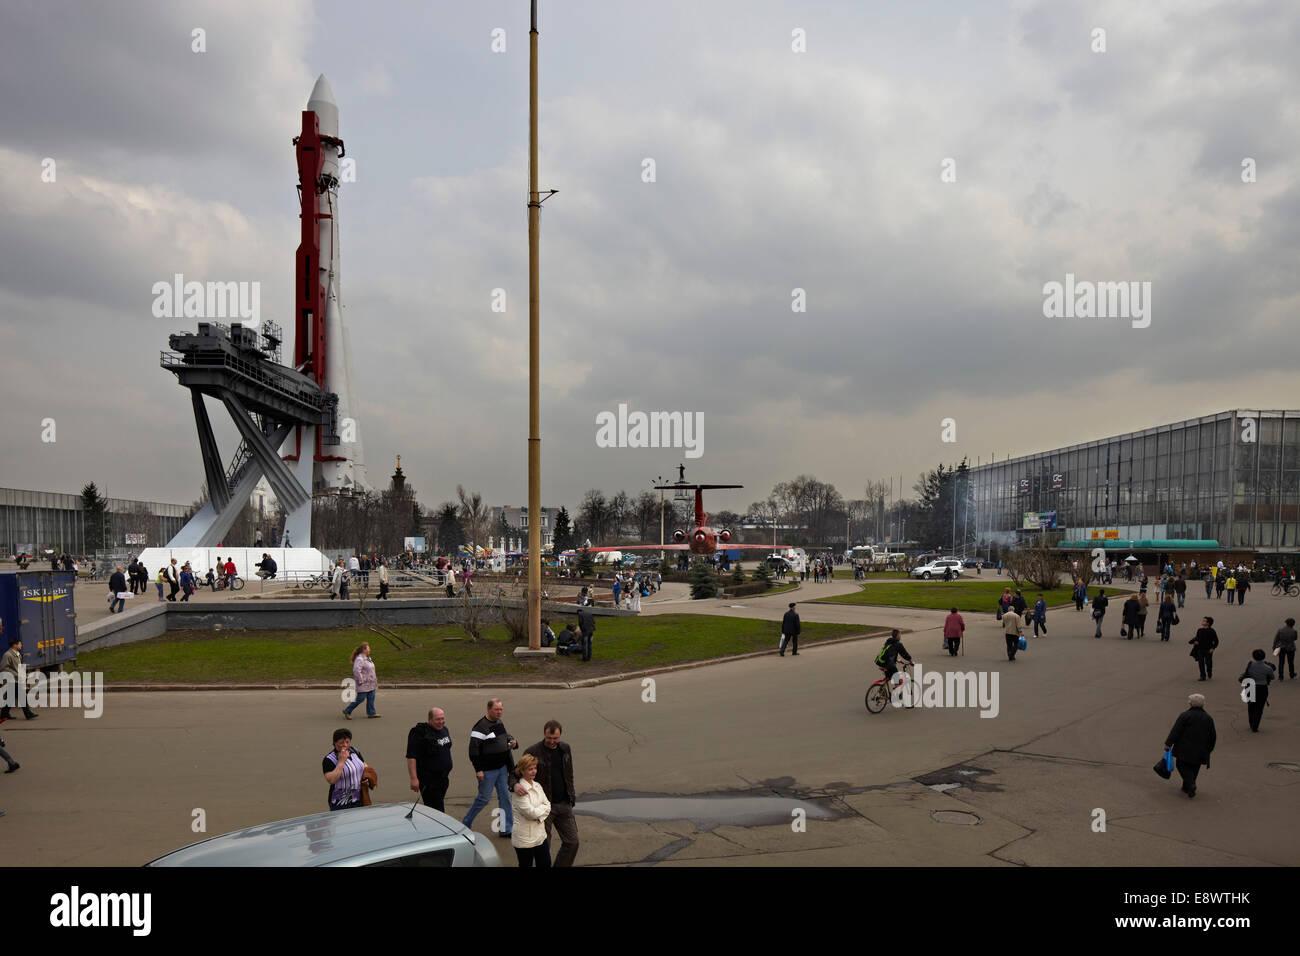 Gebäude außen und Space Shuttle im All Russland Exhibition Centre, Moskau, Russland. Stockbild